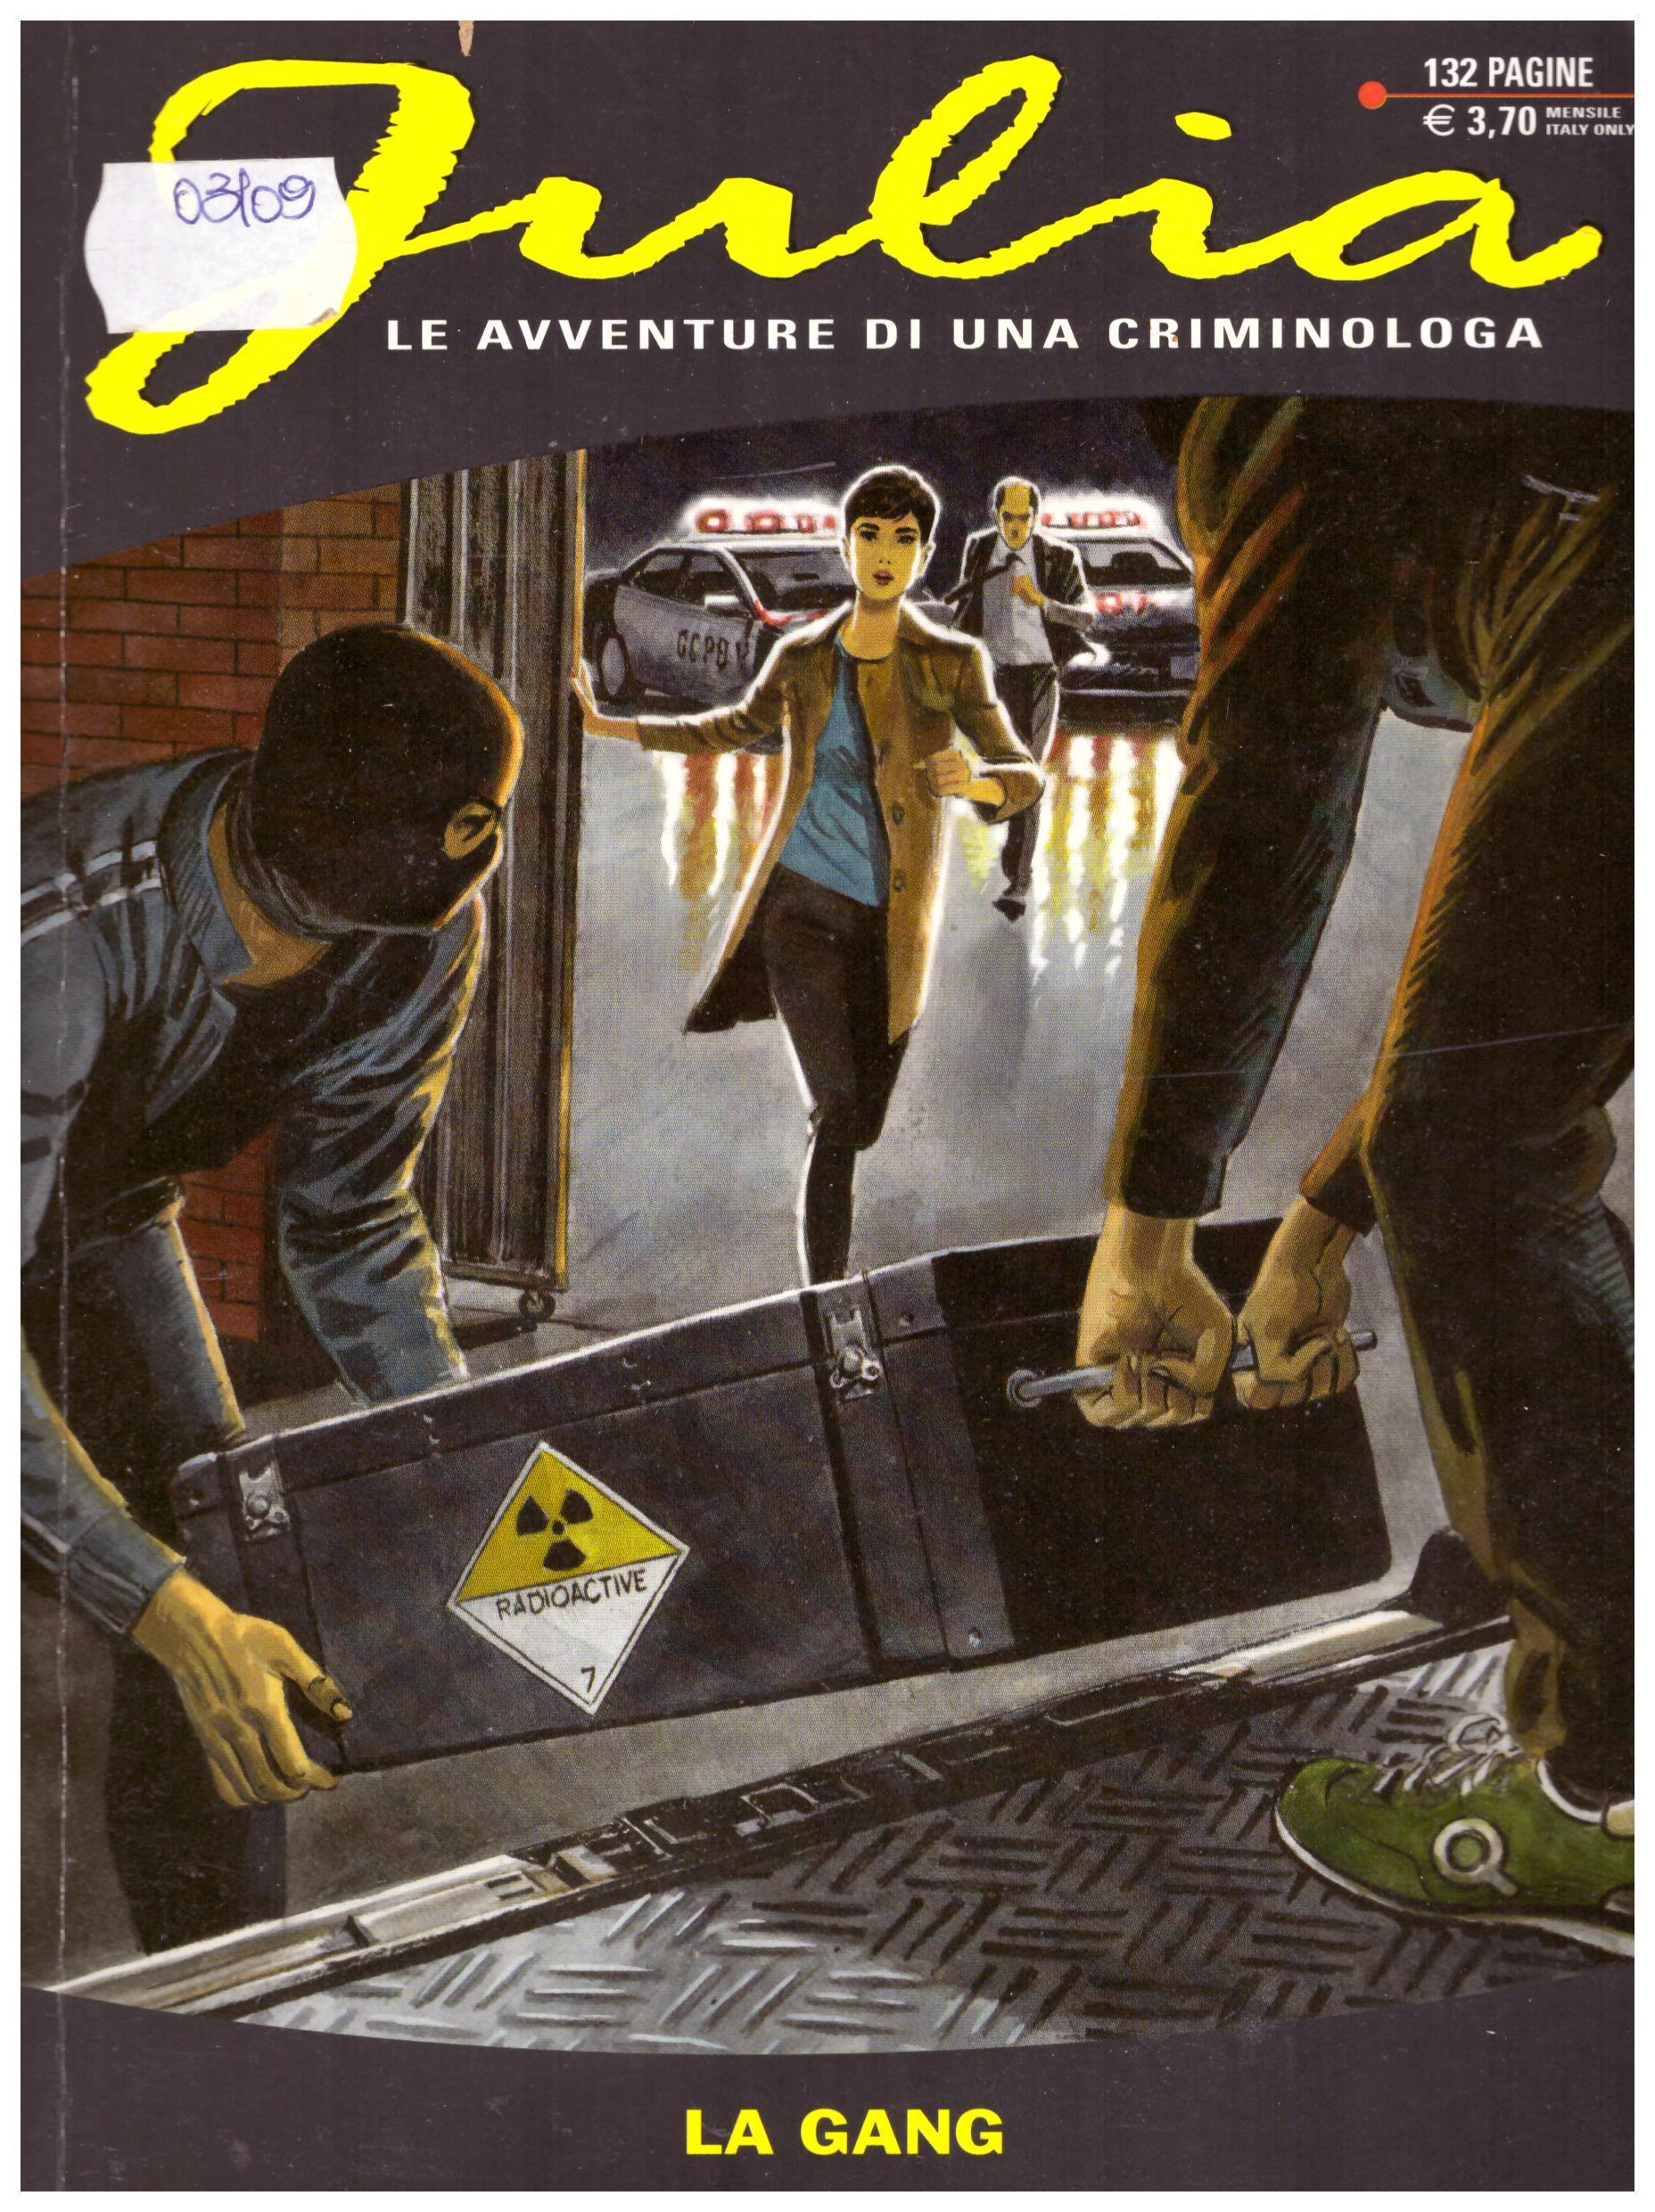 Titolo: Julia n.192 Autore: AA.VV.  Editore: sergio bonelli editore, 2014